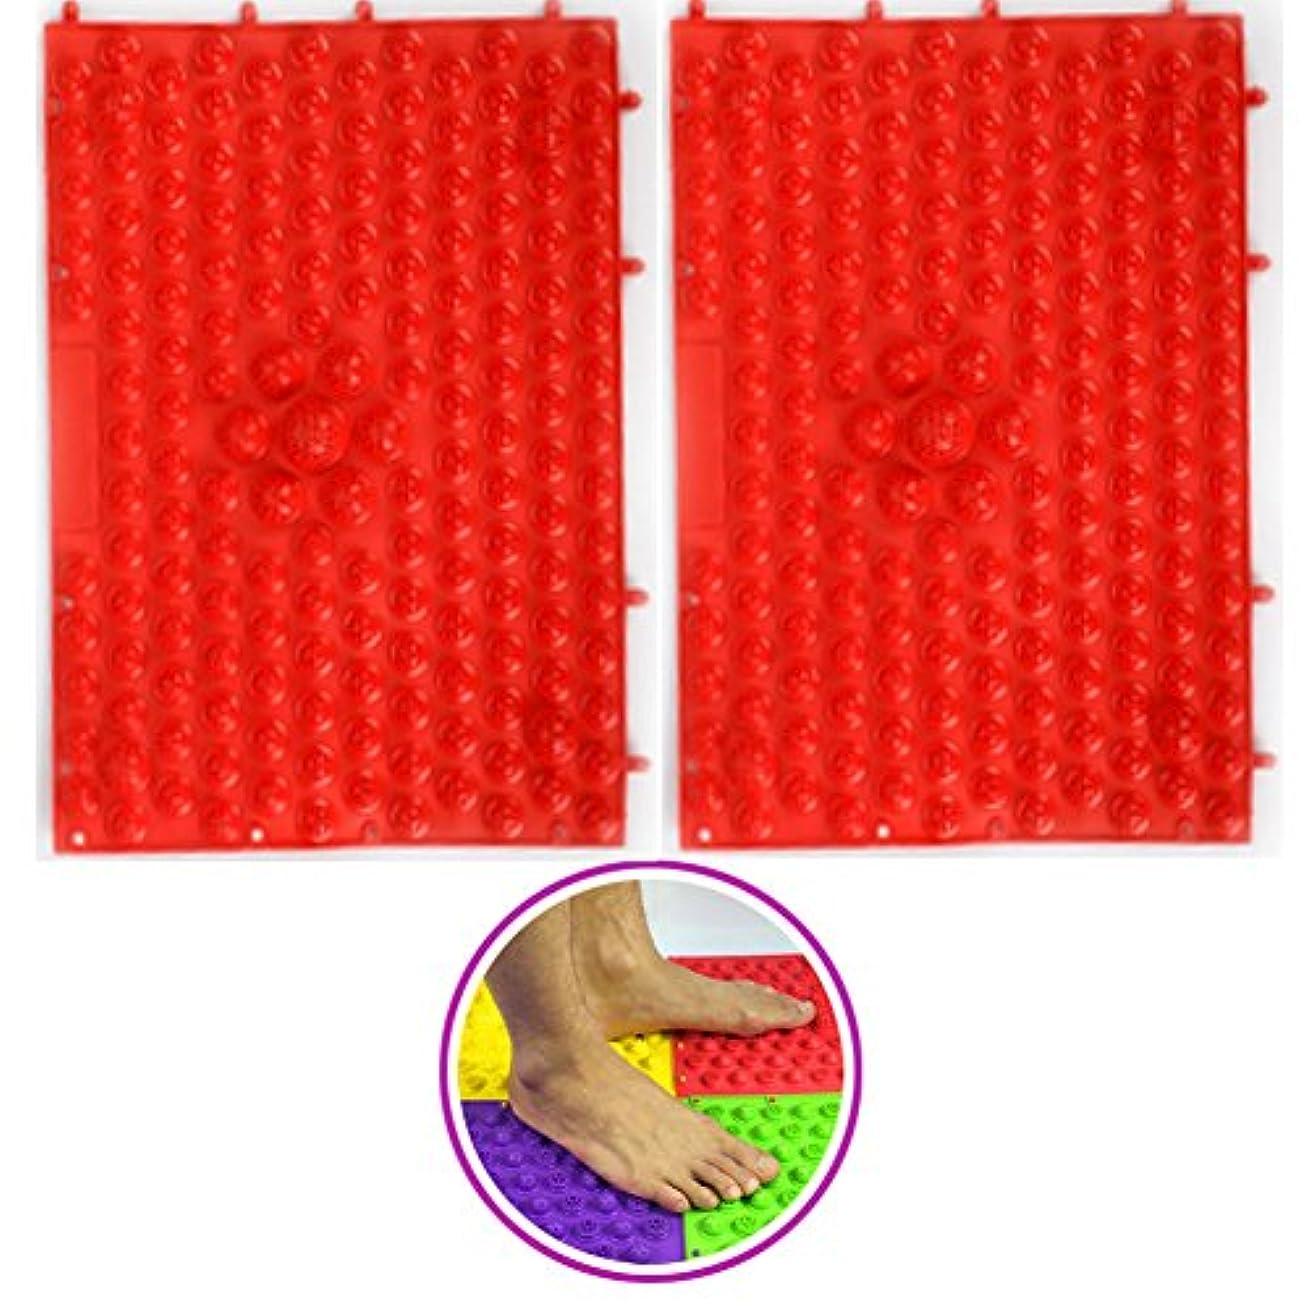 障害膨らみデコラティブ(POMAIKAI) 足つぼマット マッサージシート 健康 ダイエット 足裏マッサージ 2枚セット(レッド)